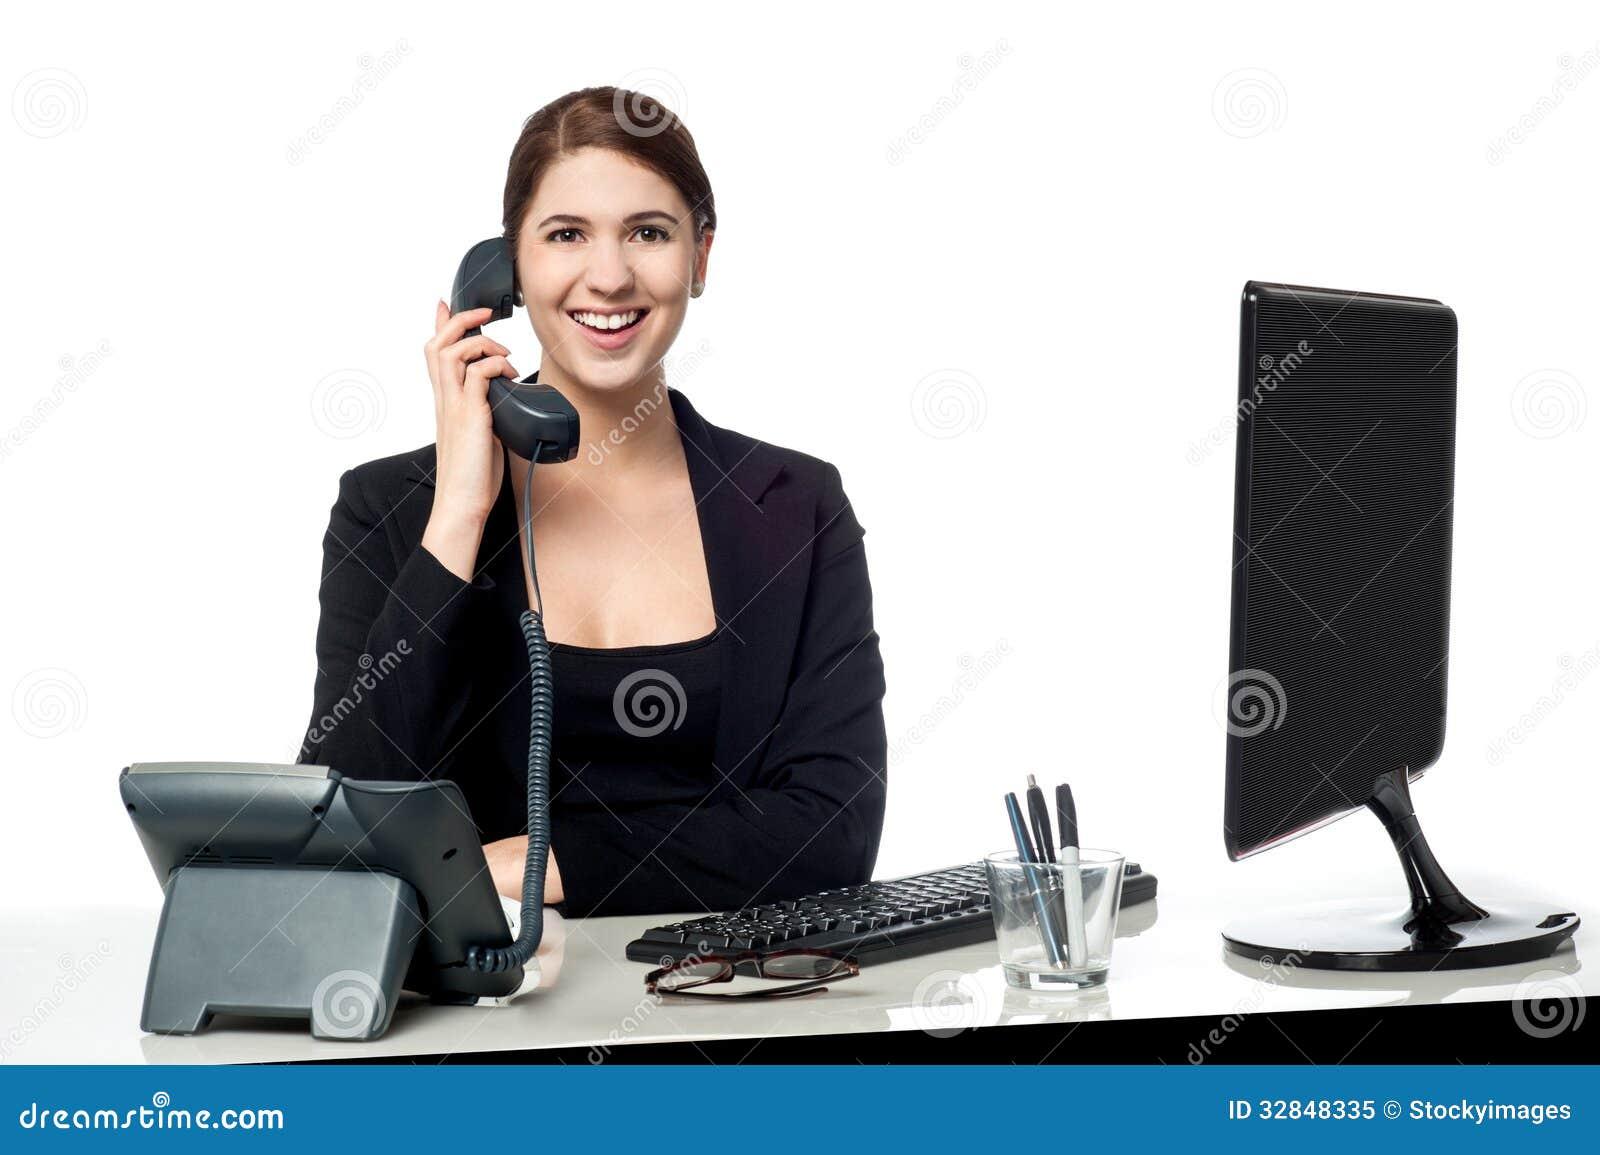 secretary call girls saskatoon